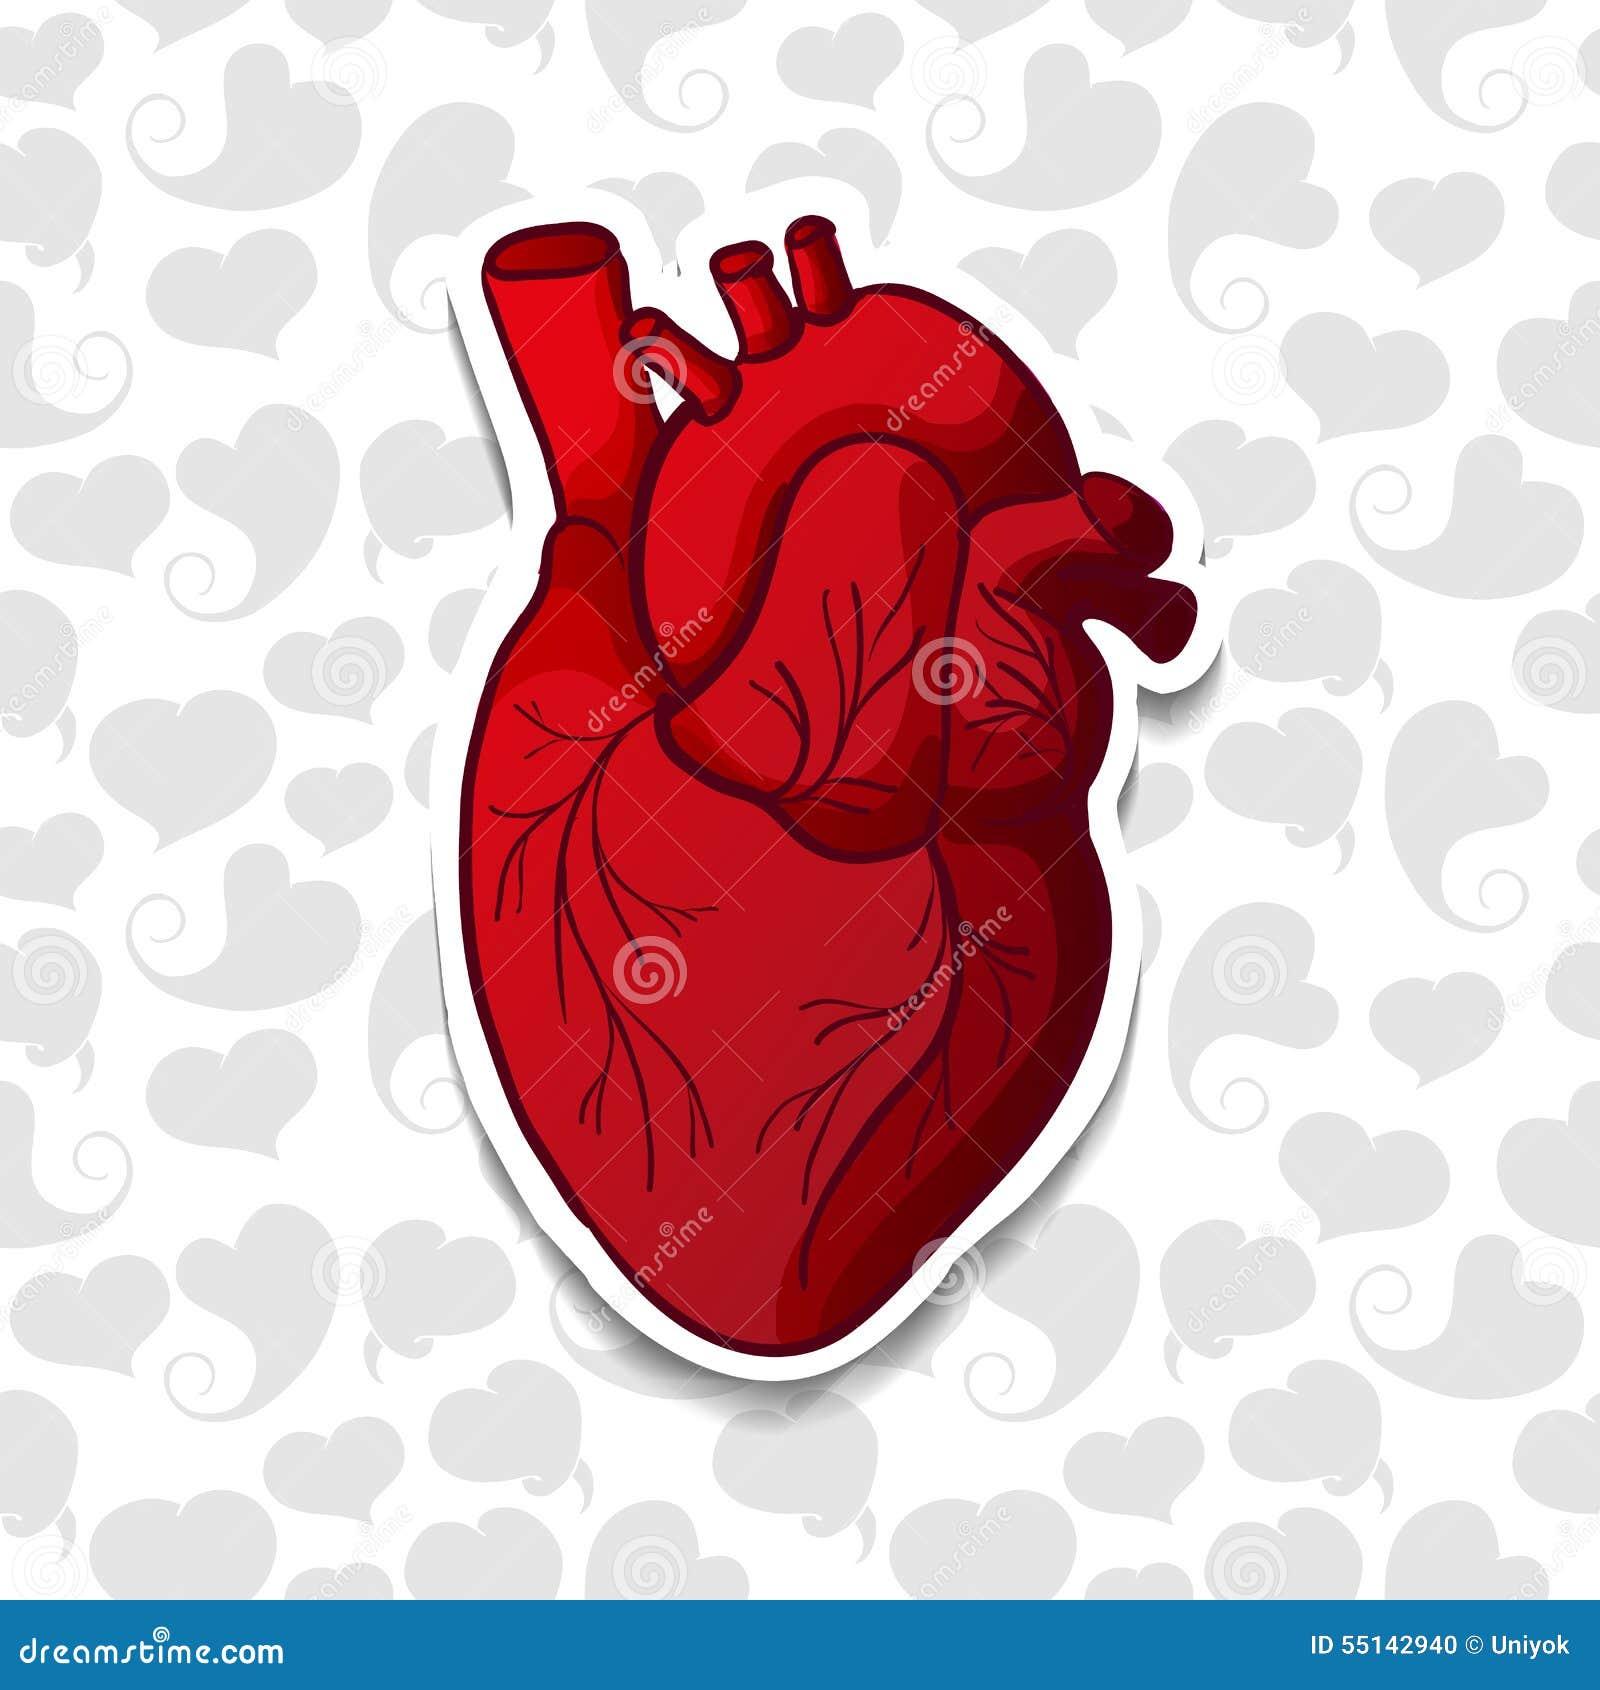 Dessin du coeur humain sur le mod le de fond de - Dessin coeur humain ...